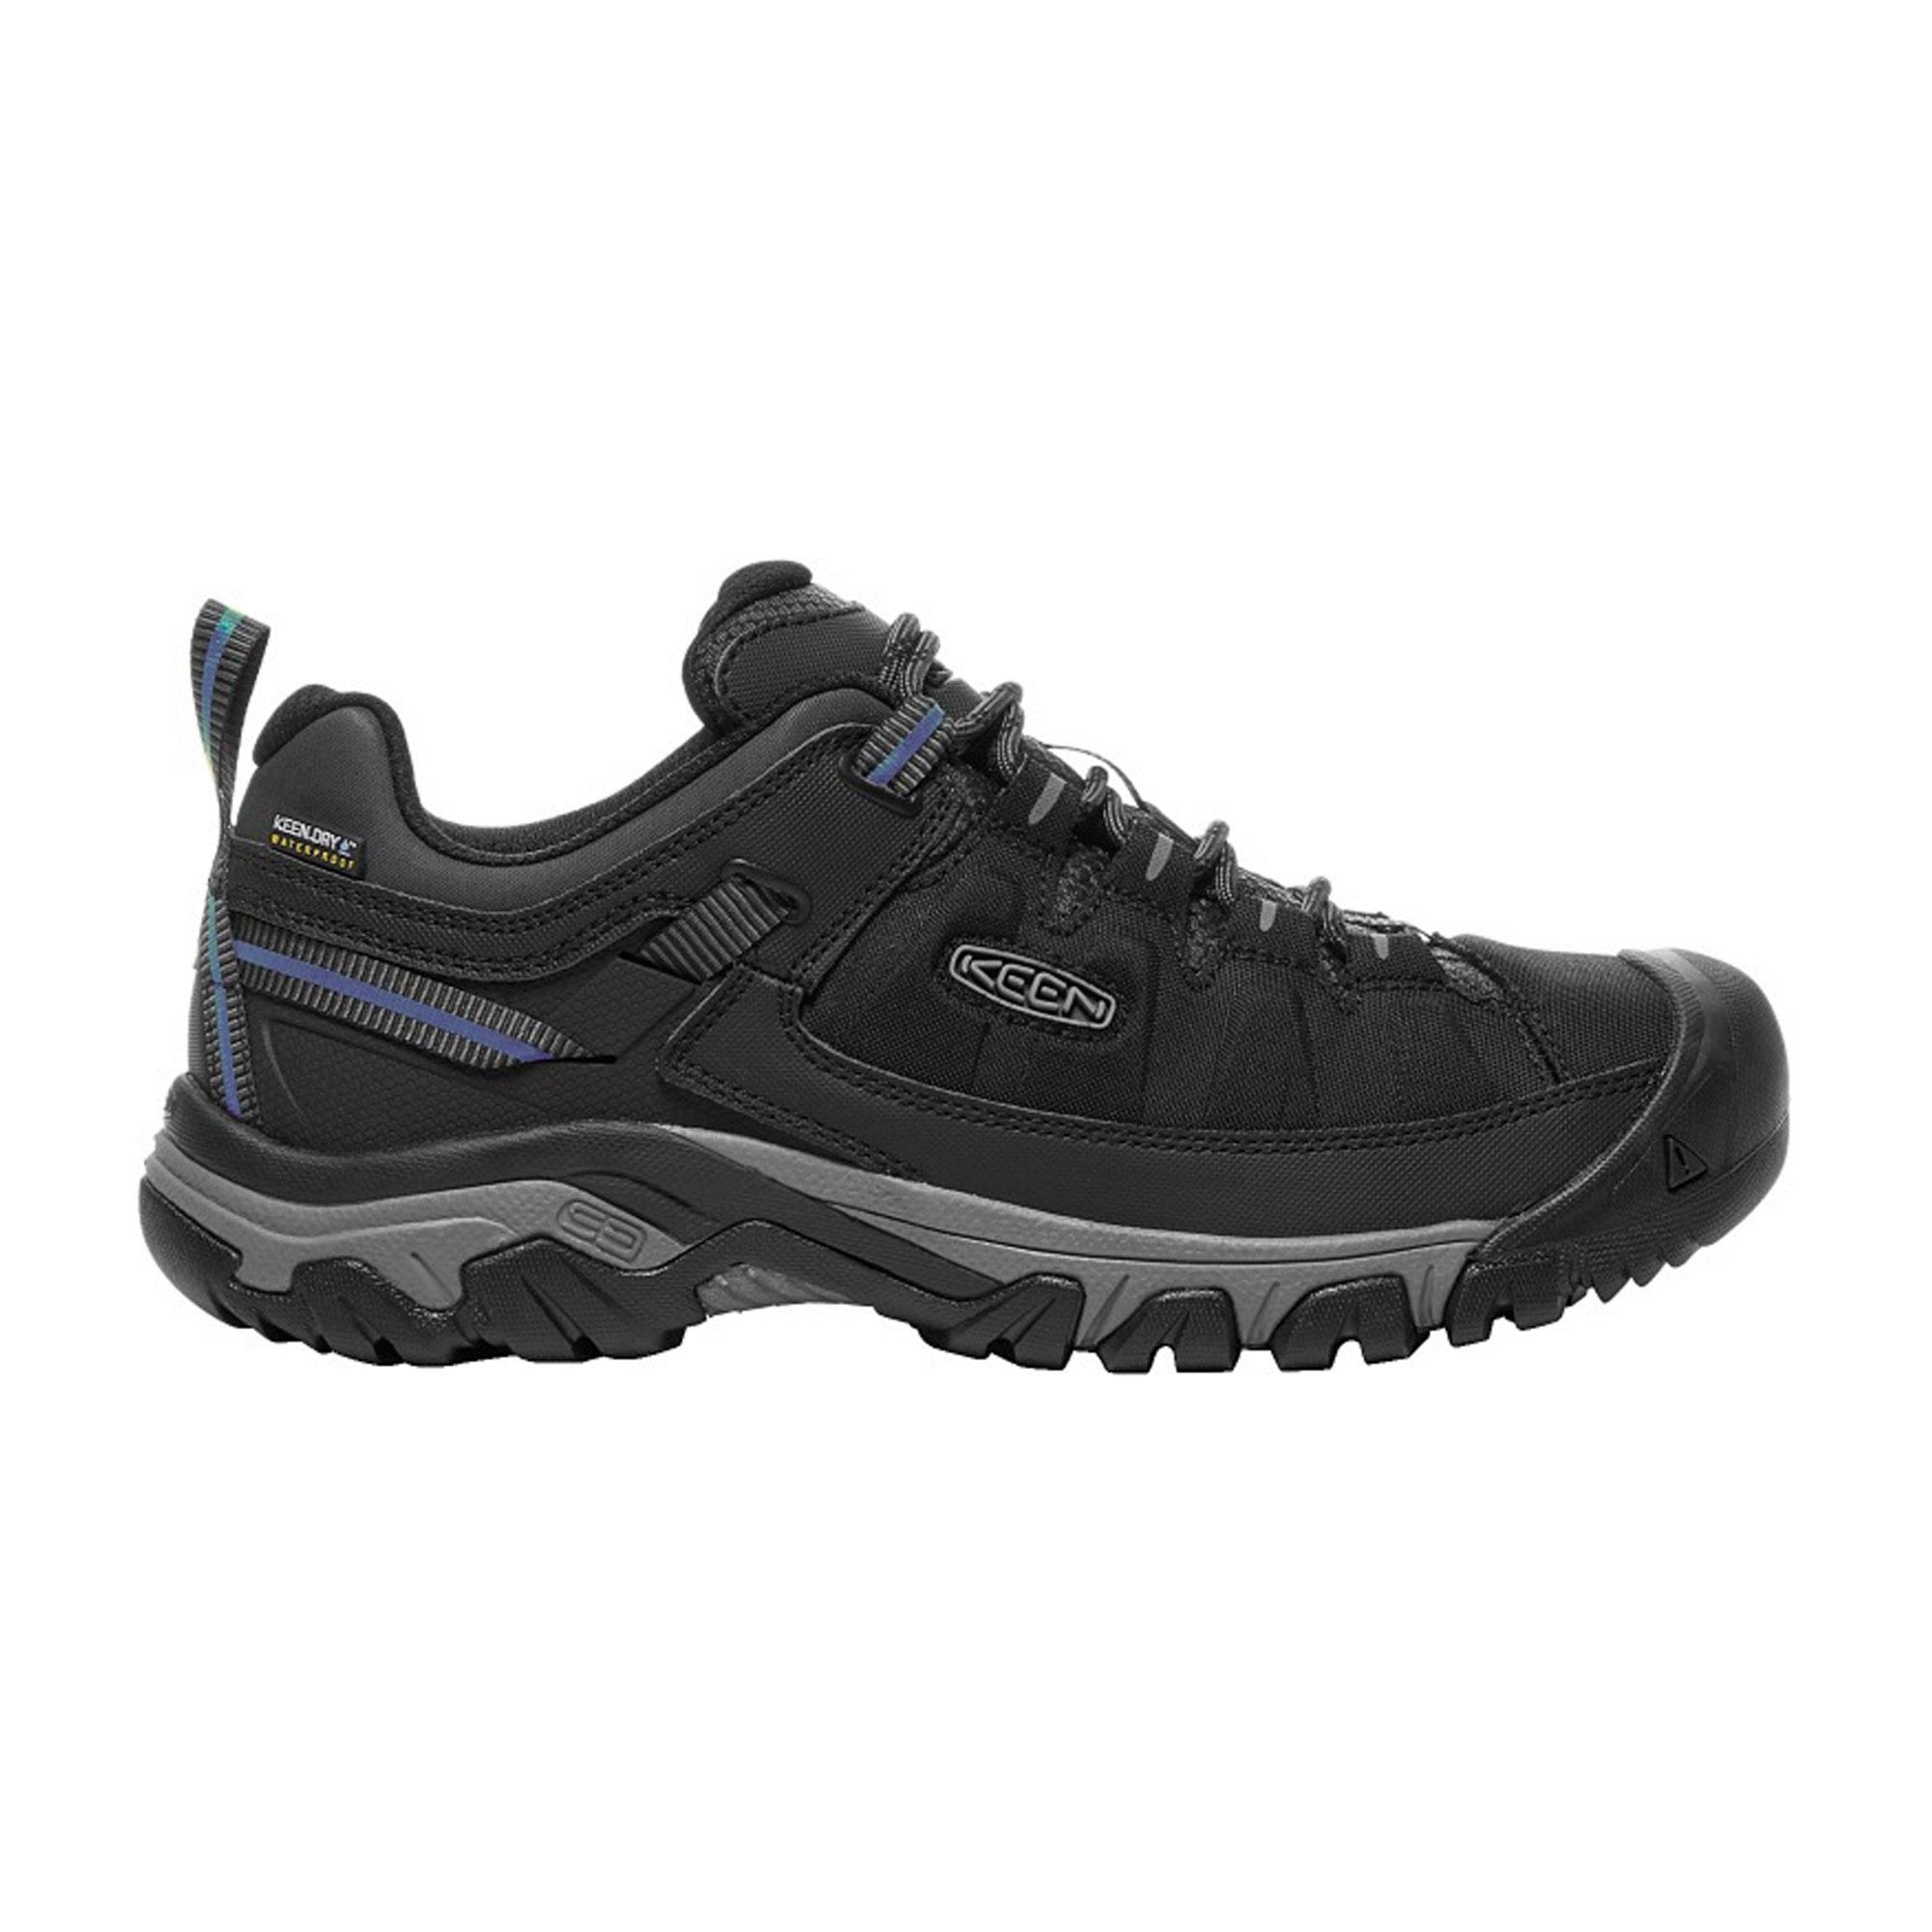 Keen Shoes Kathmandu